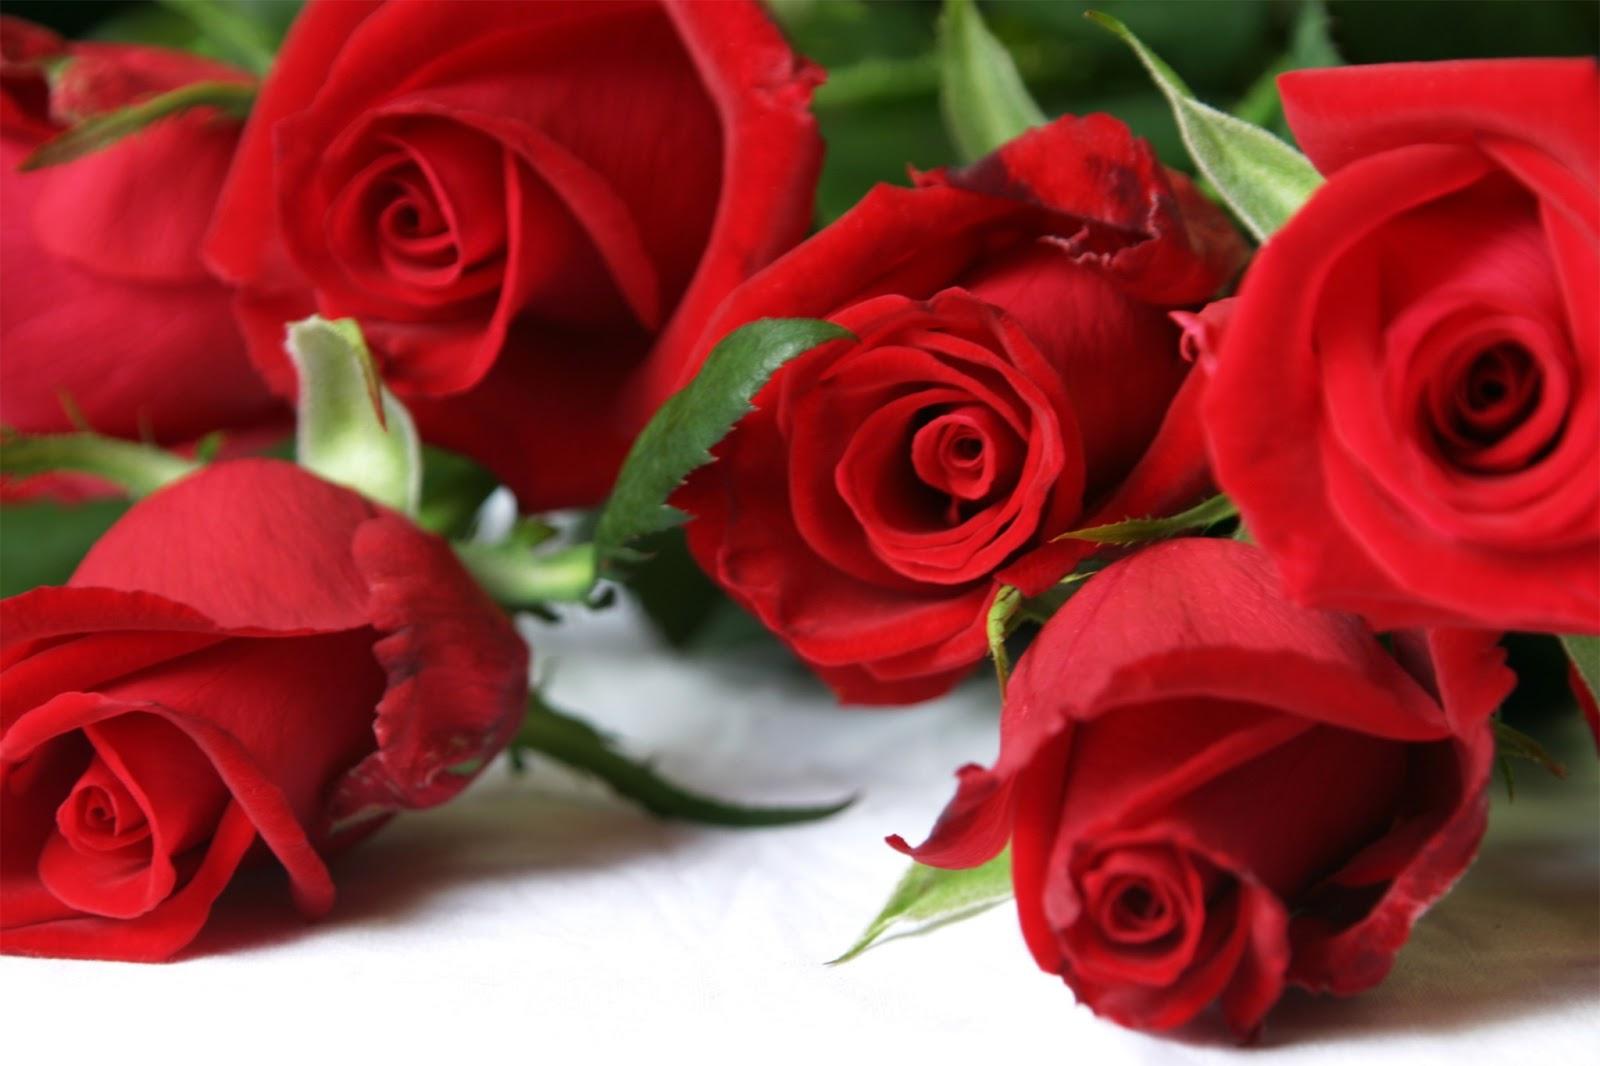 في روحك  وردة لمن   ترسل عطرها  / إهداء  لمن تحب بلغة الورد - صفحة 7 File0001386550794